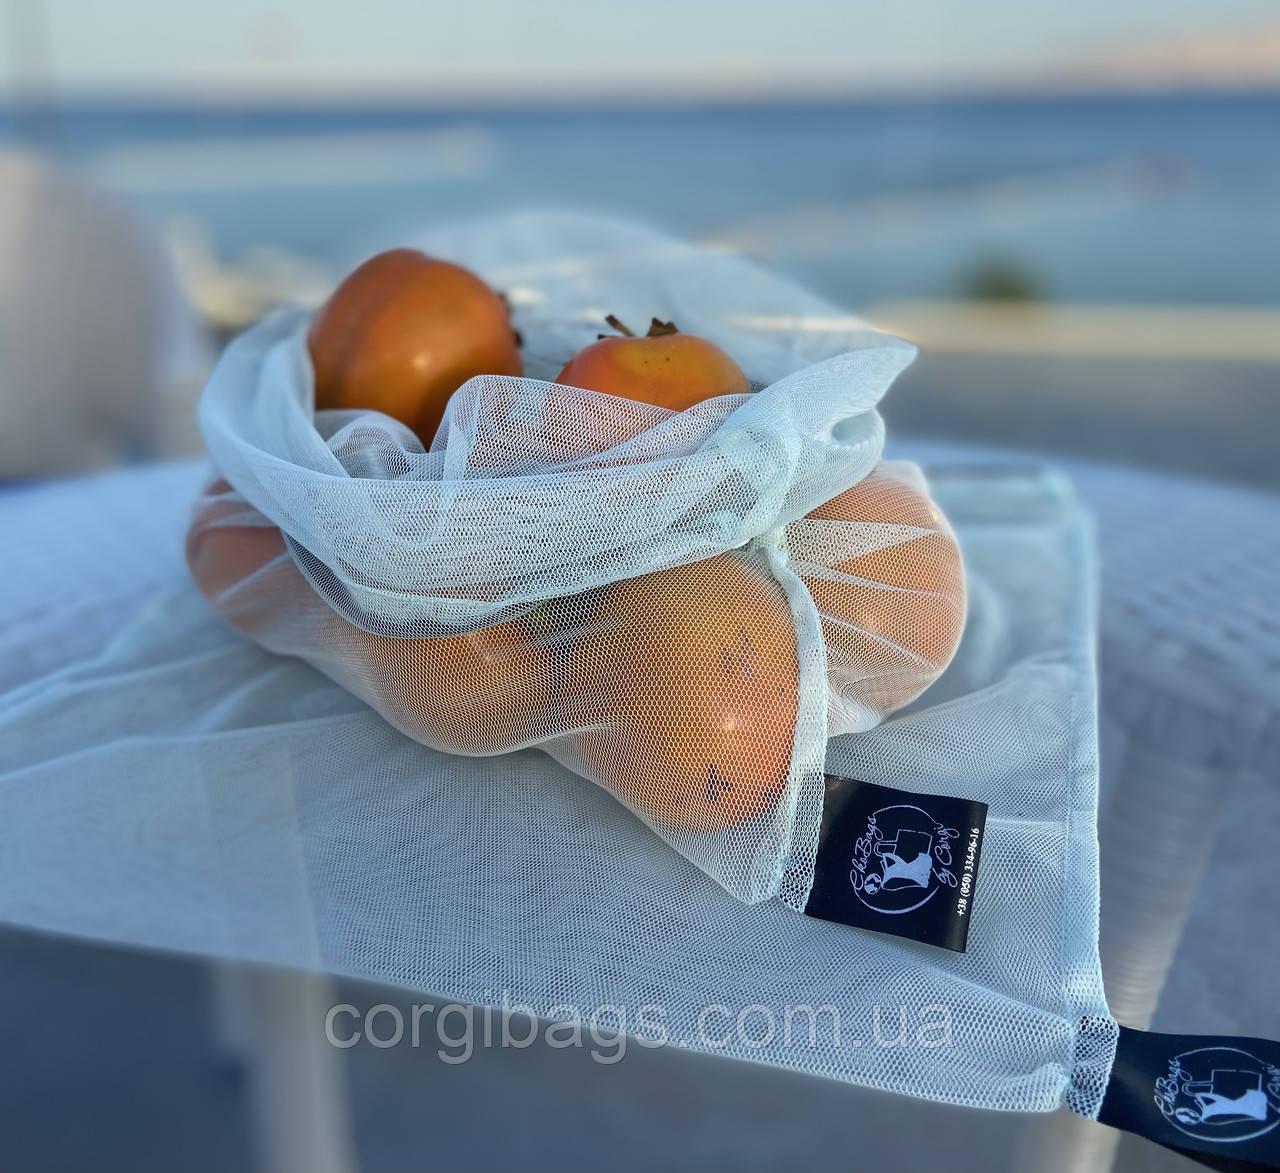 Экомешочки для продуктов многоразовые, мешочки из сетки для овощей и фруктов, размер L (30х35 см)